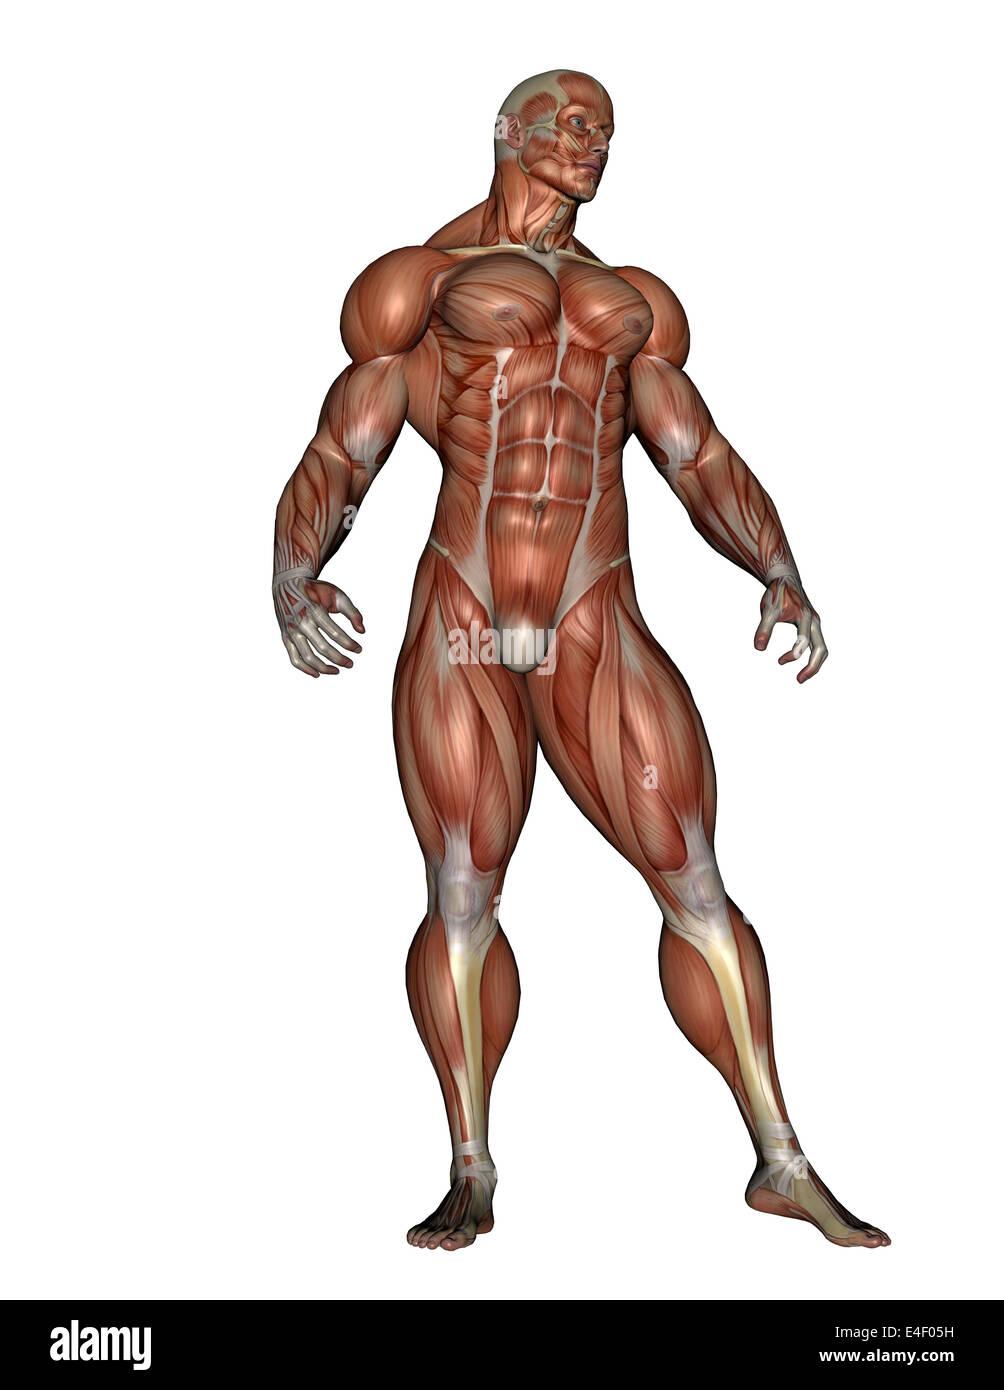 Homme debout musculaire, isolé sur fond blanc. Photo Stock